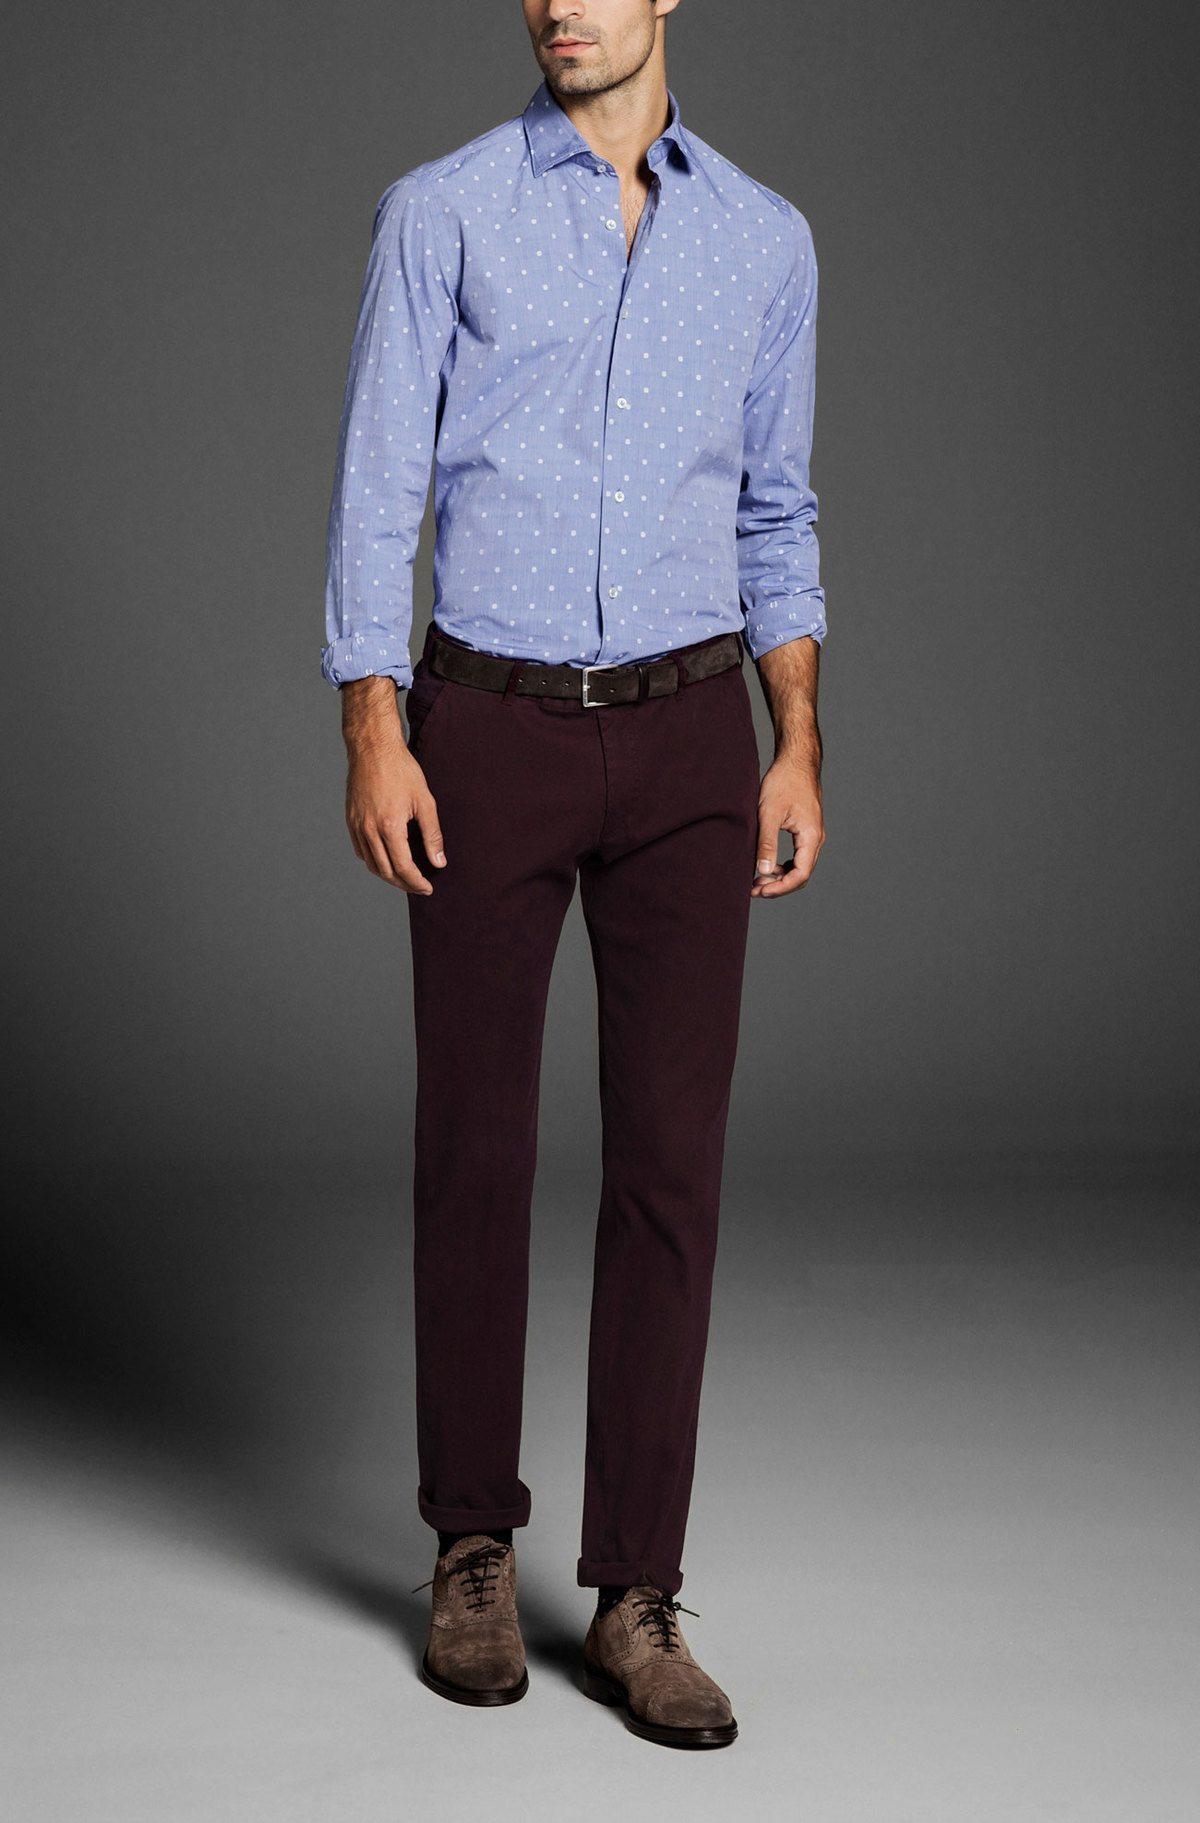 38eabdd3a Pantalones para hombres - Modaellos.com